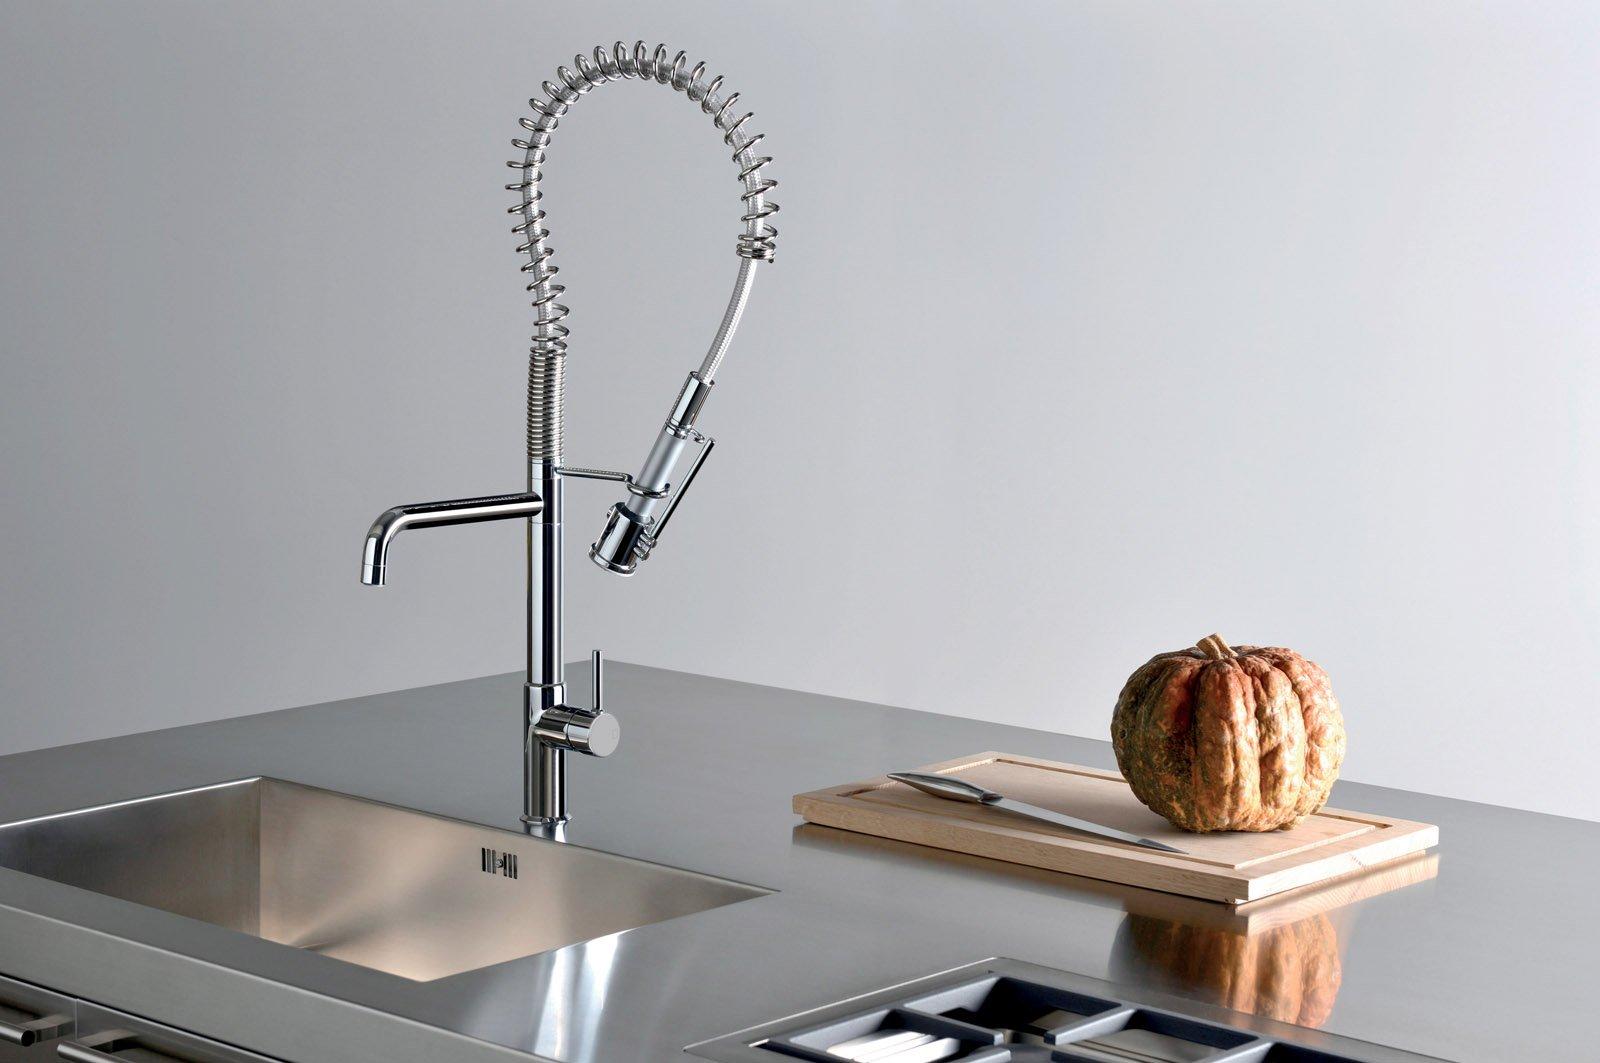 rubinetti per il lavello. con una marcia in più - cose di casa - Rubinetti Per Lavello Cucina